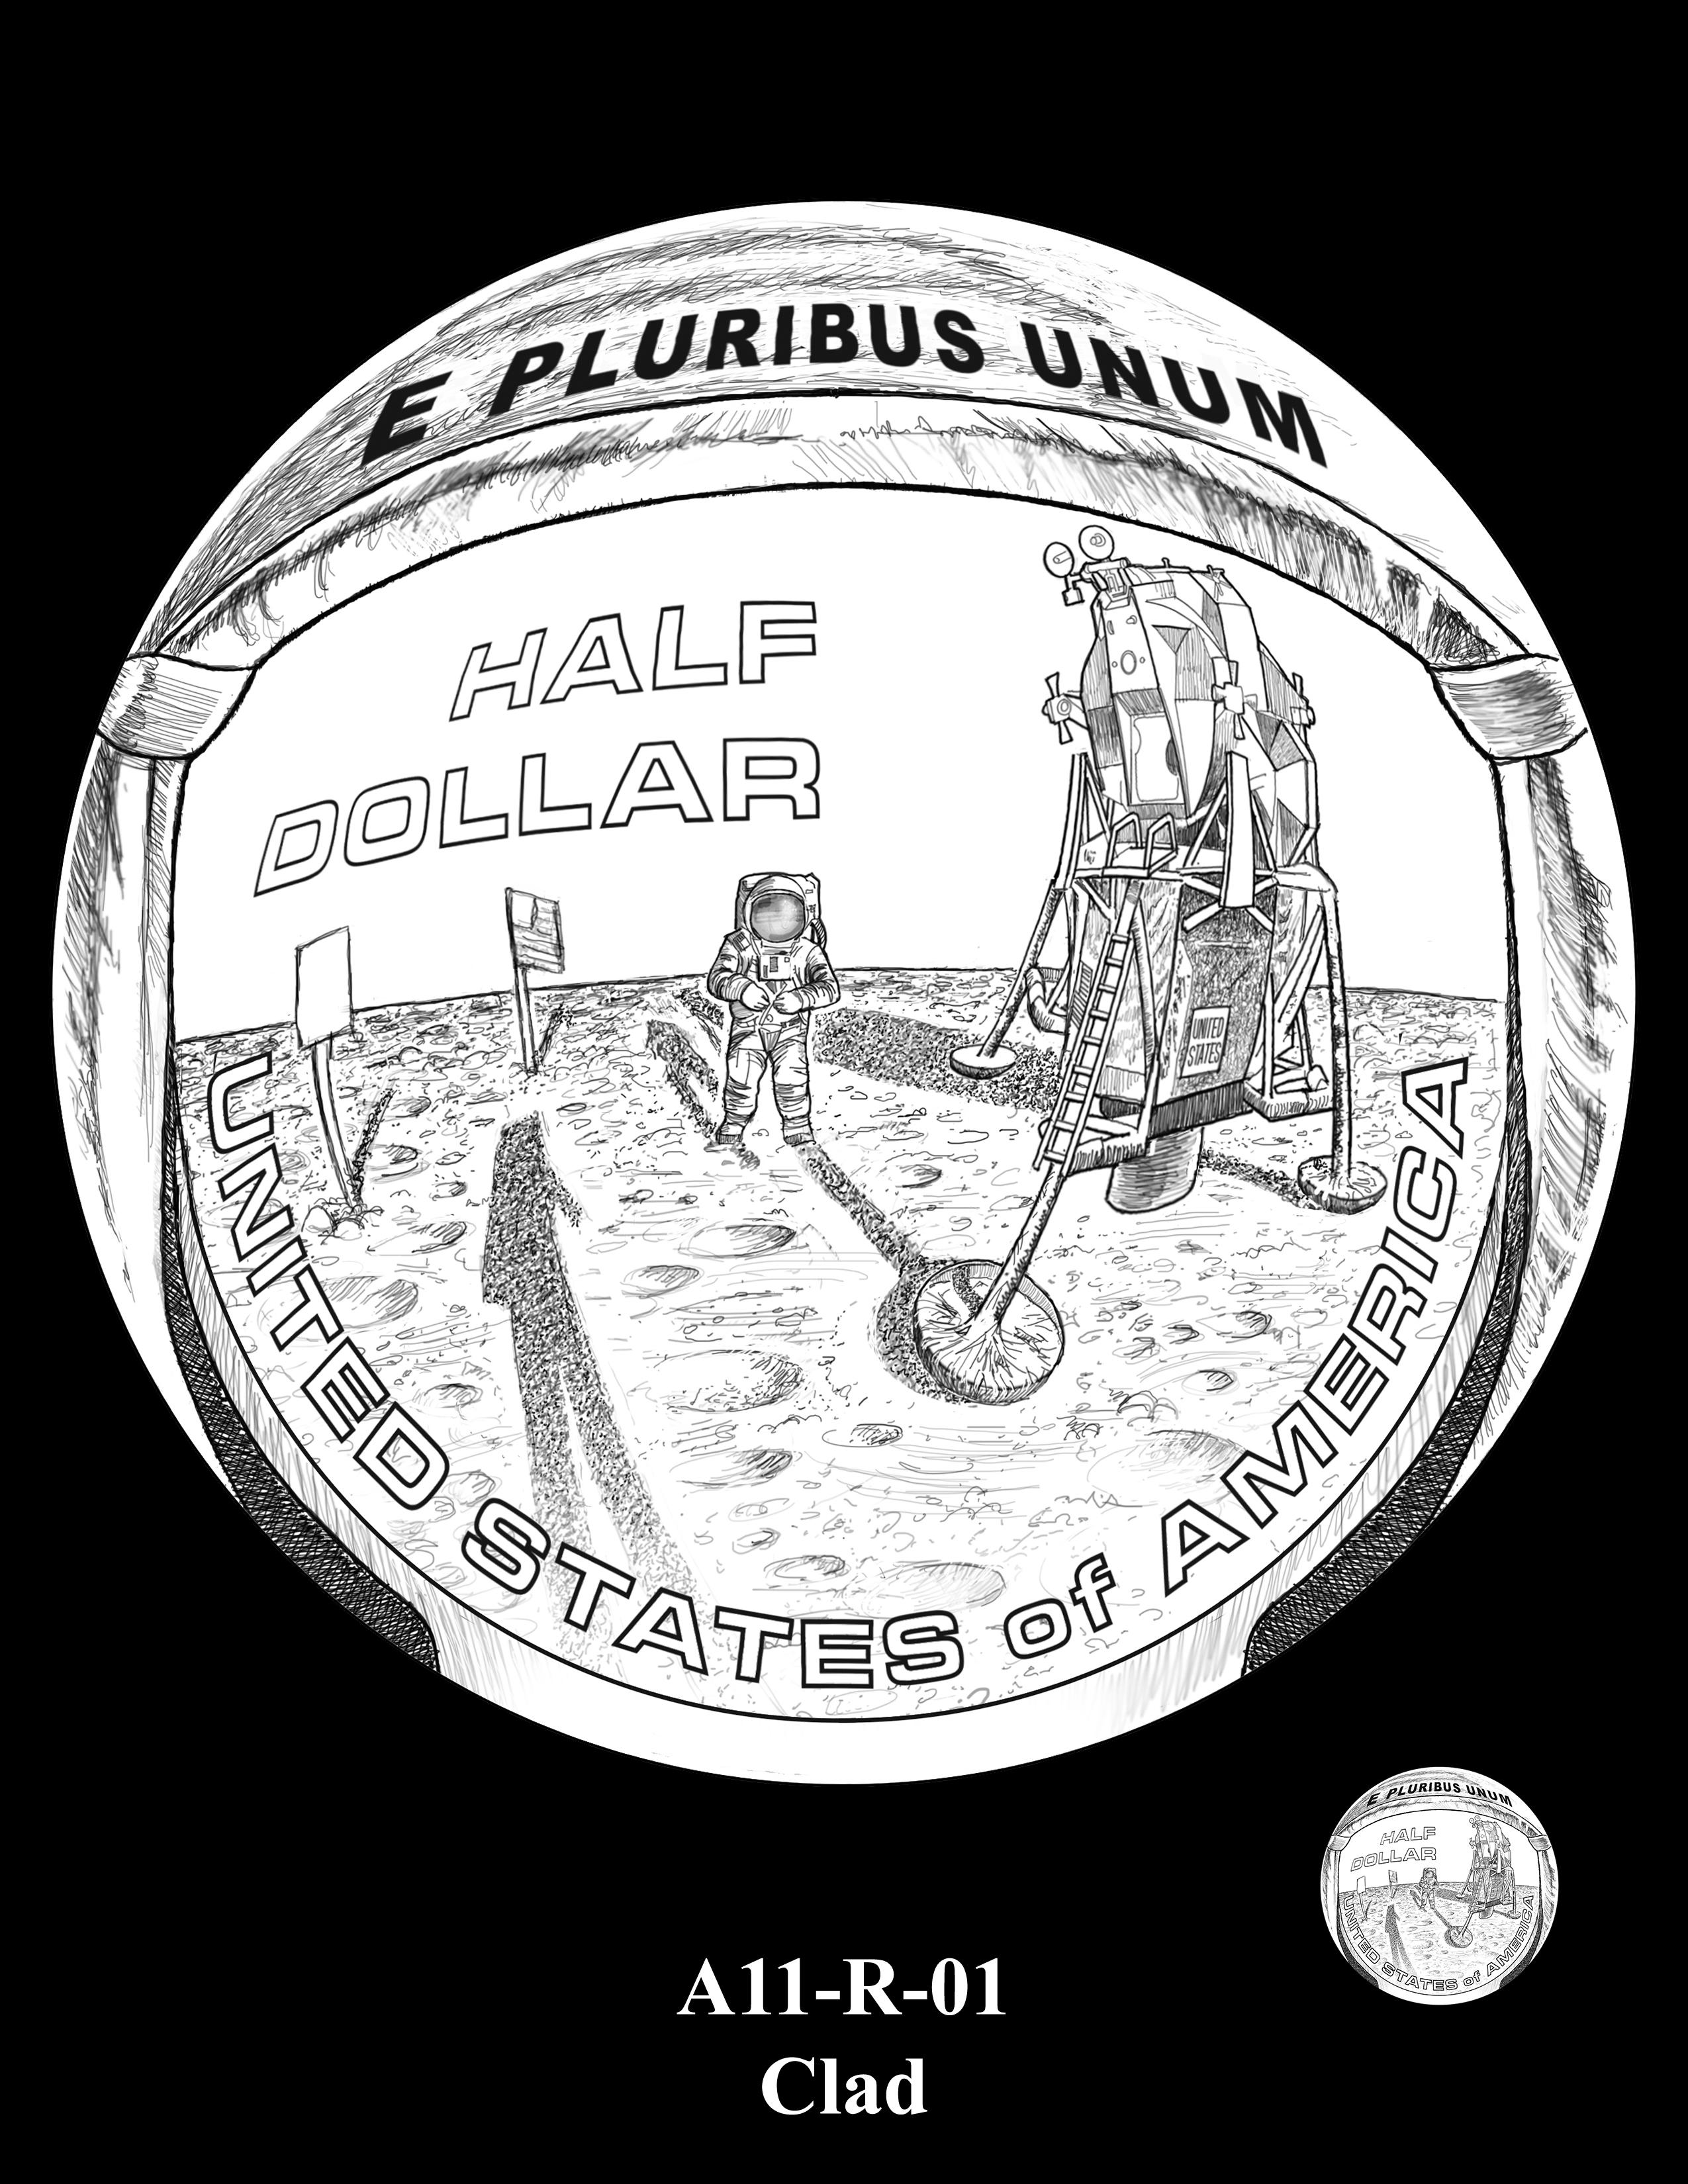 A11-R-01-CLAD -- 2019-Apollo 11 50th Anniversary Commemorative Coin